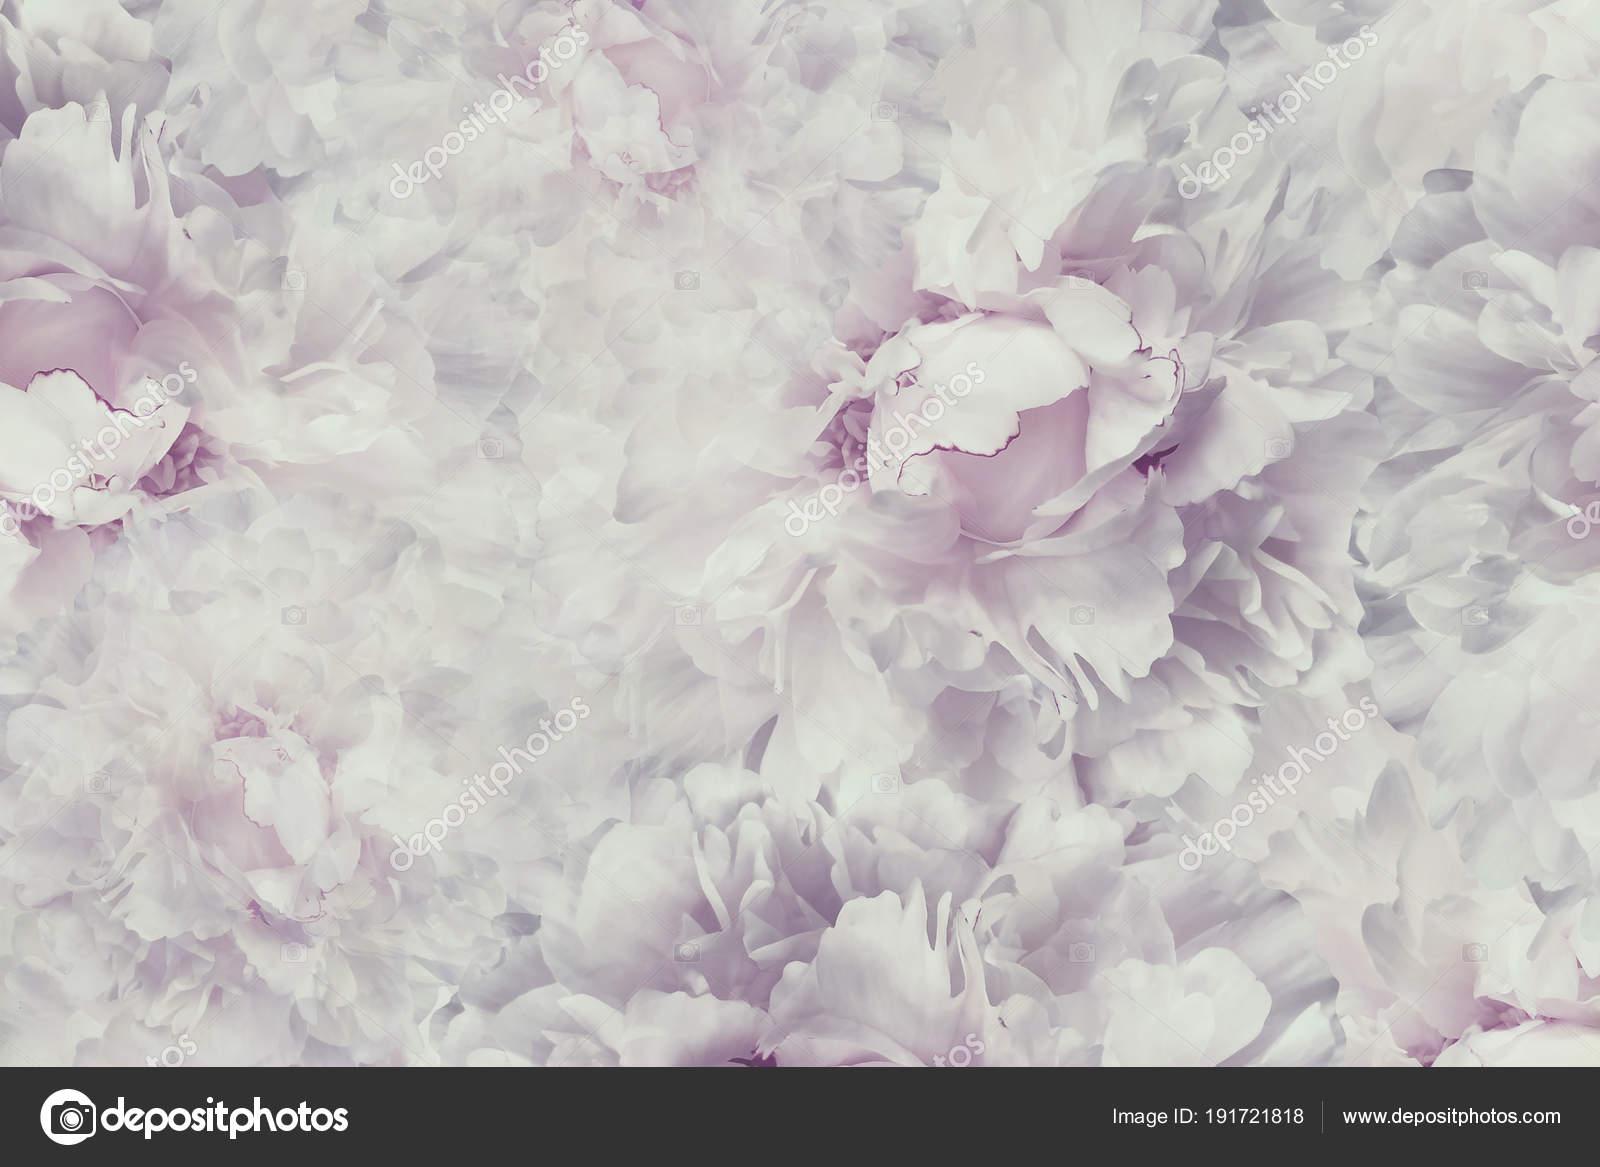 Hermosas Flores Blancas Wallpaper Hd Fondos De Pantalla Gratis: Fondos De Pantalla De Flores Vintage